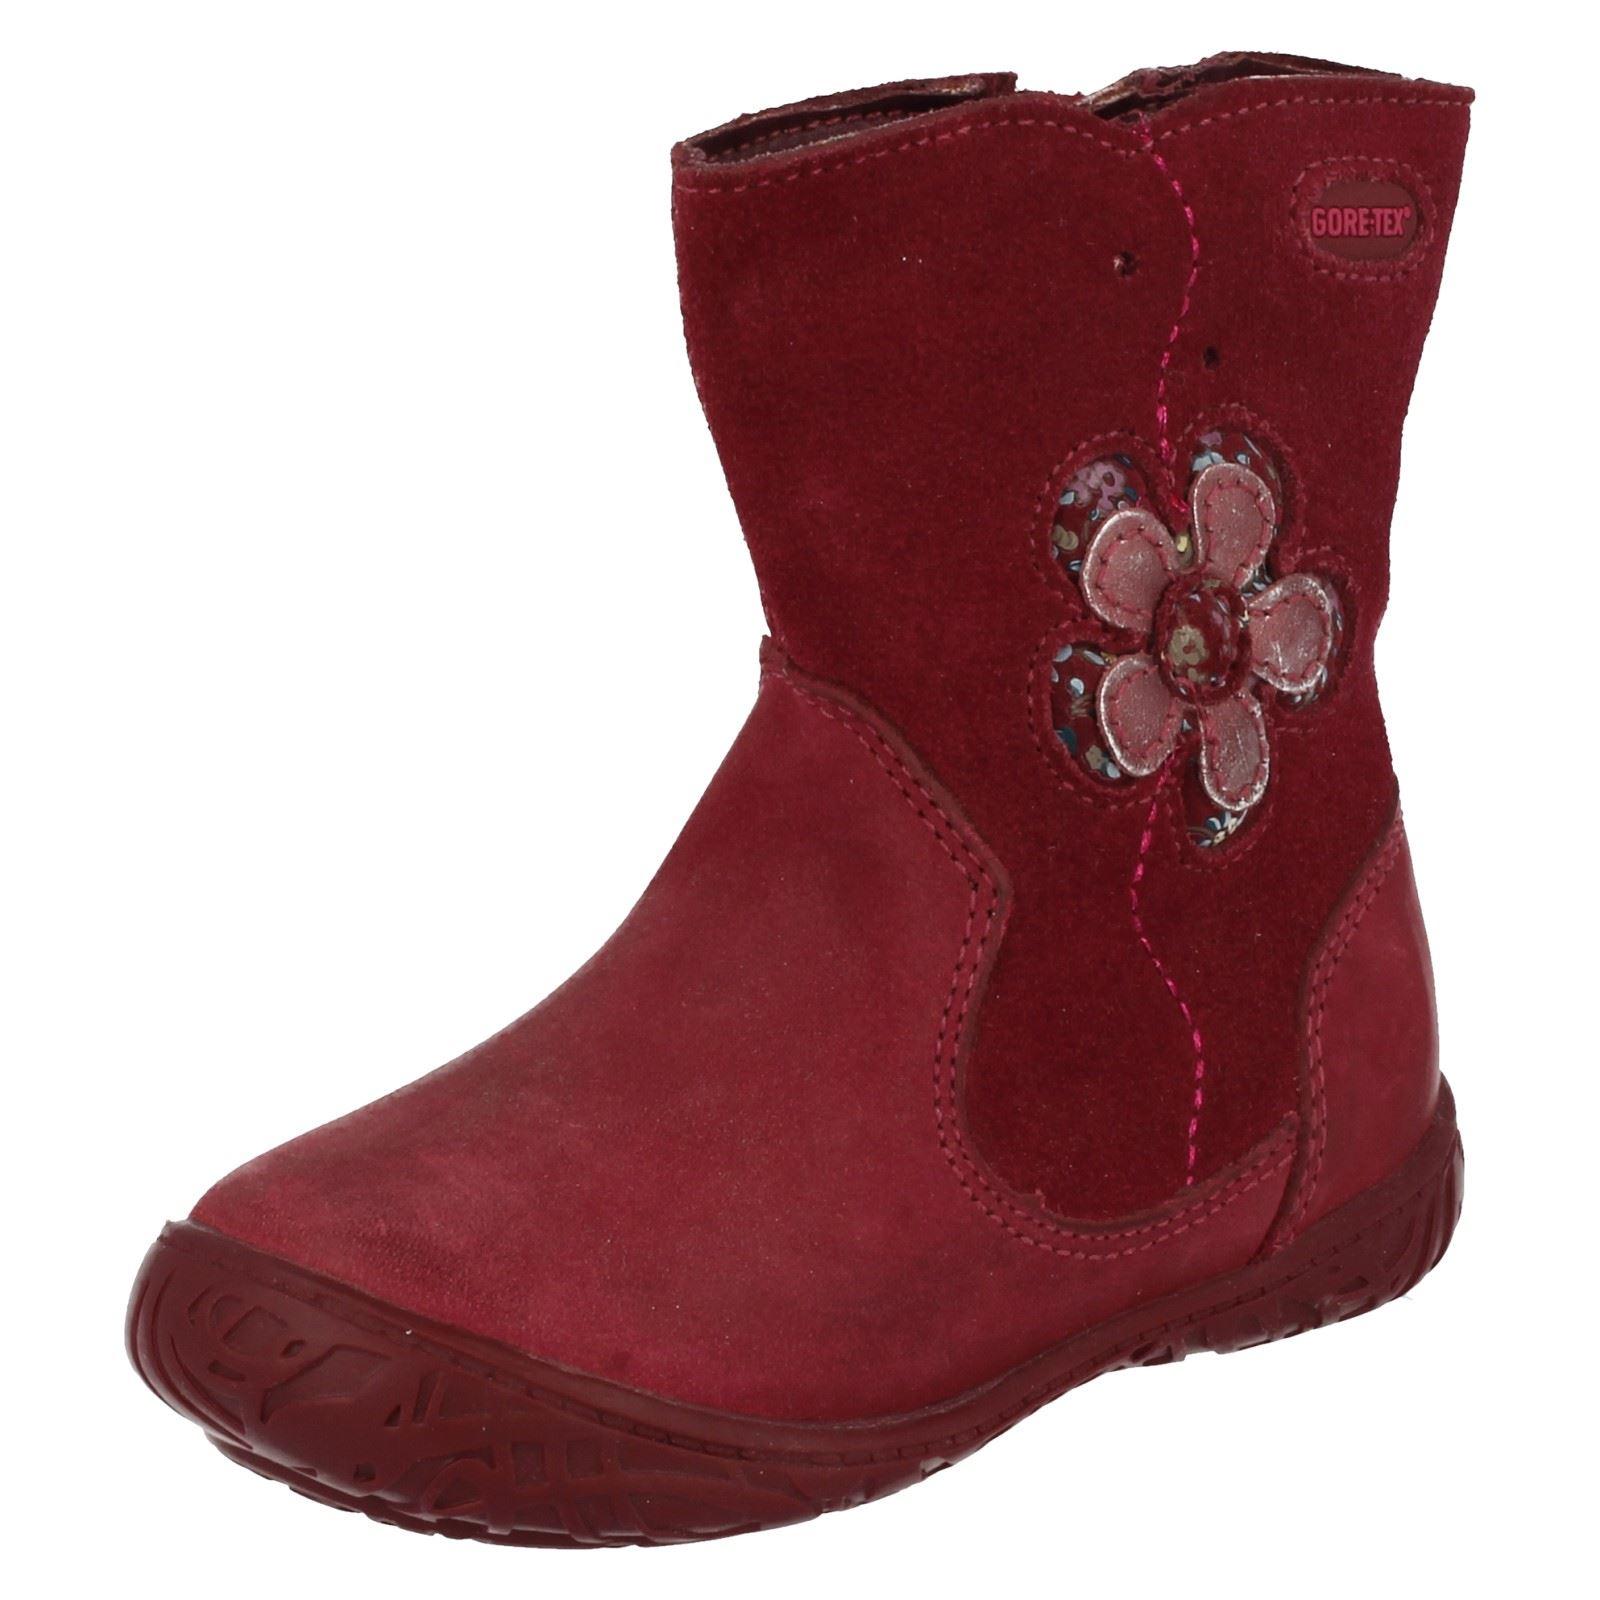 de niña Clarks So para Hoola flores Gtx Botas Berry rojo 64TBcOWyBH